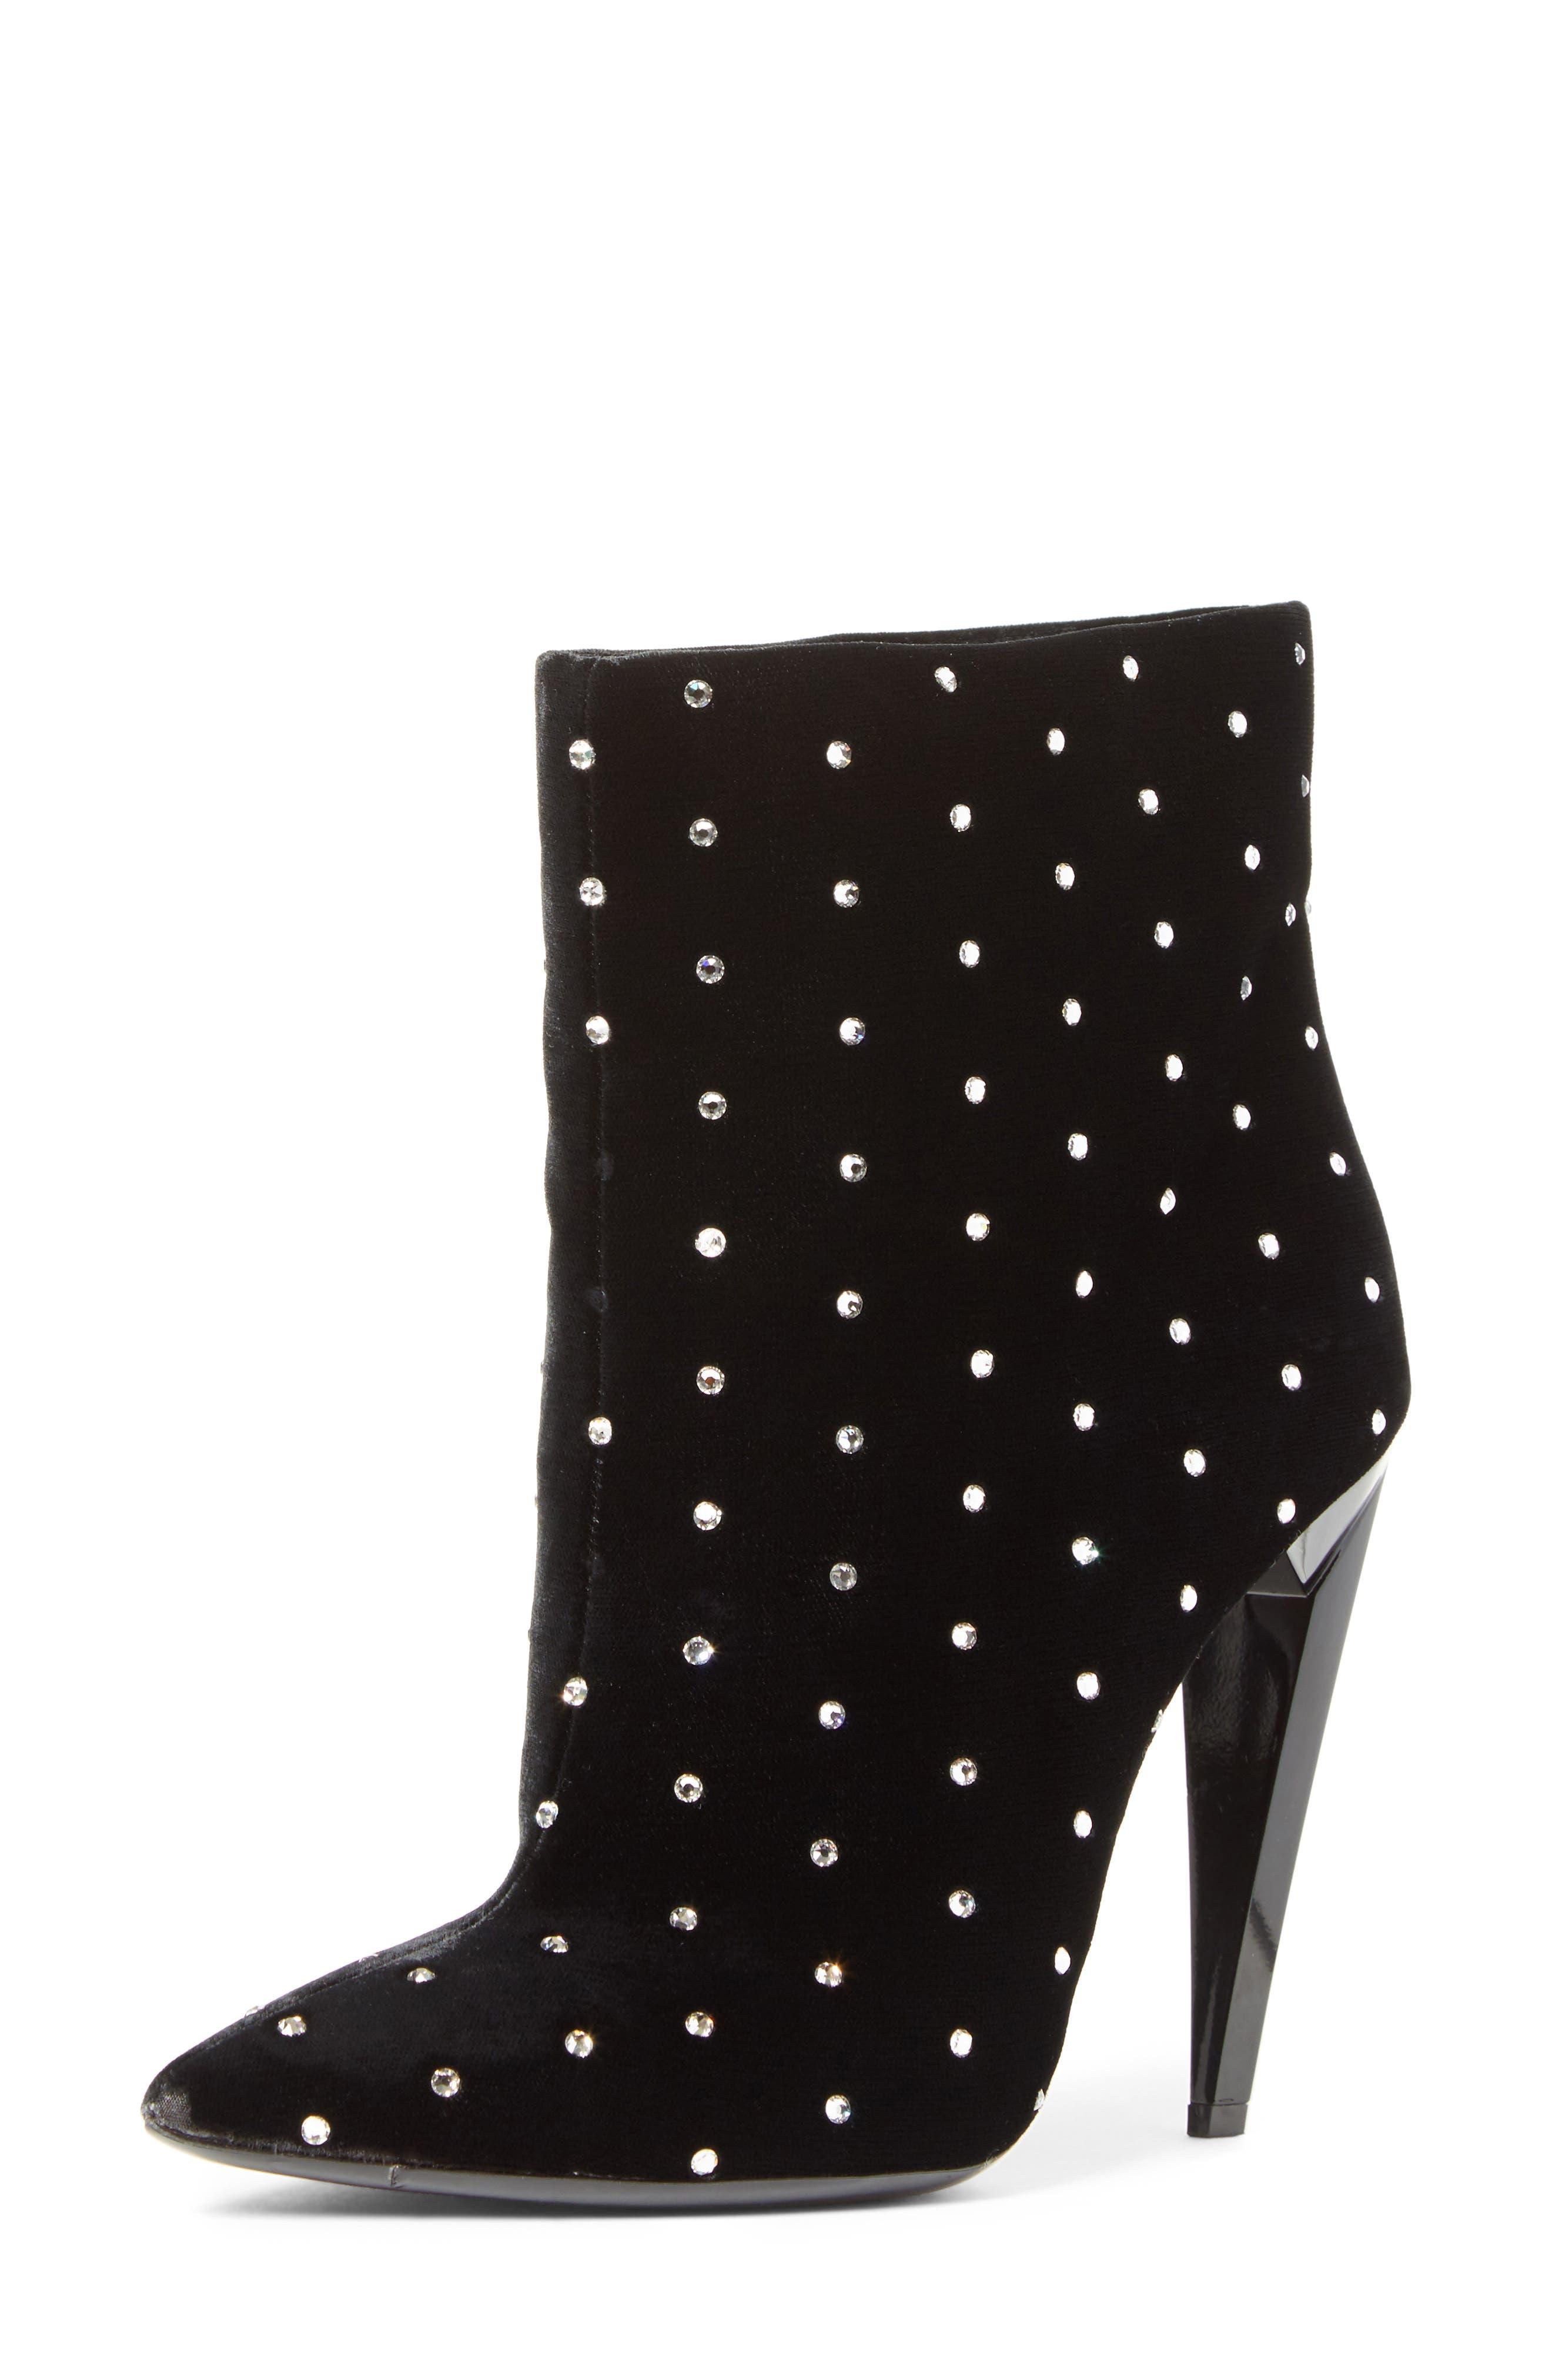 Alternate Image 1 Selected - Saint Laurent Freja Embellished Broken Heel Bootie (Women)